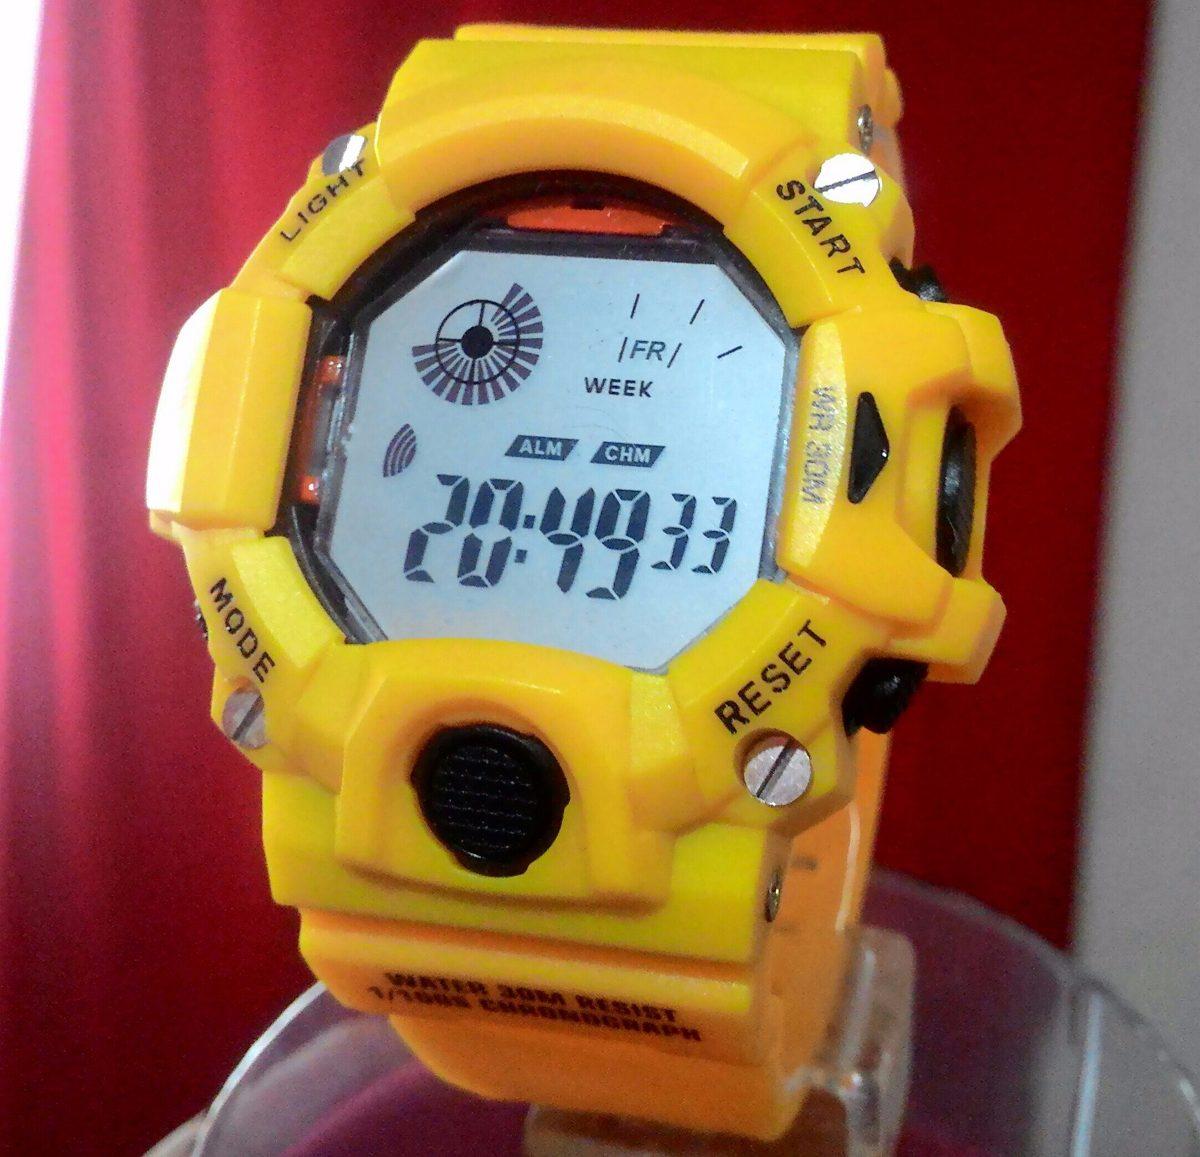 307d8799b2f relógio esportivo masculino digital fashion sem logo amarelo. Carregando  zoom.